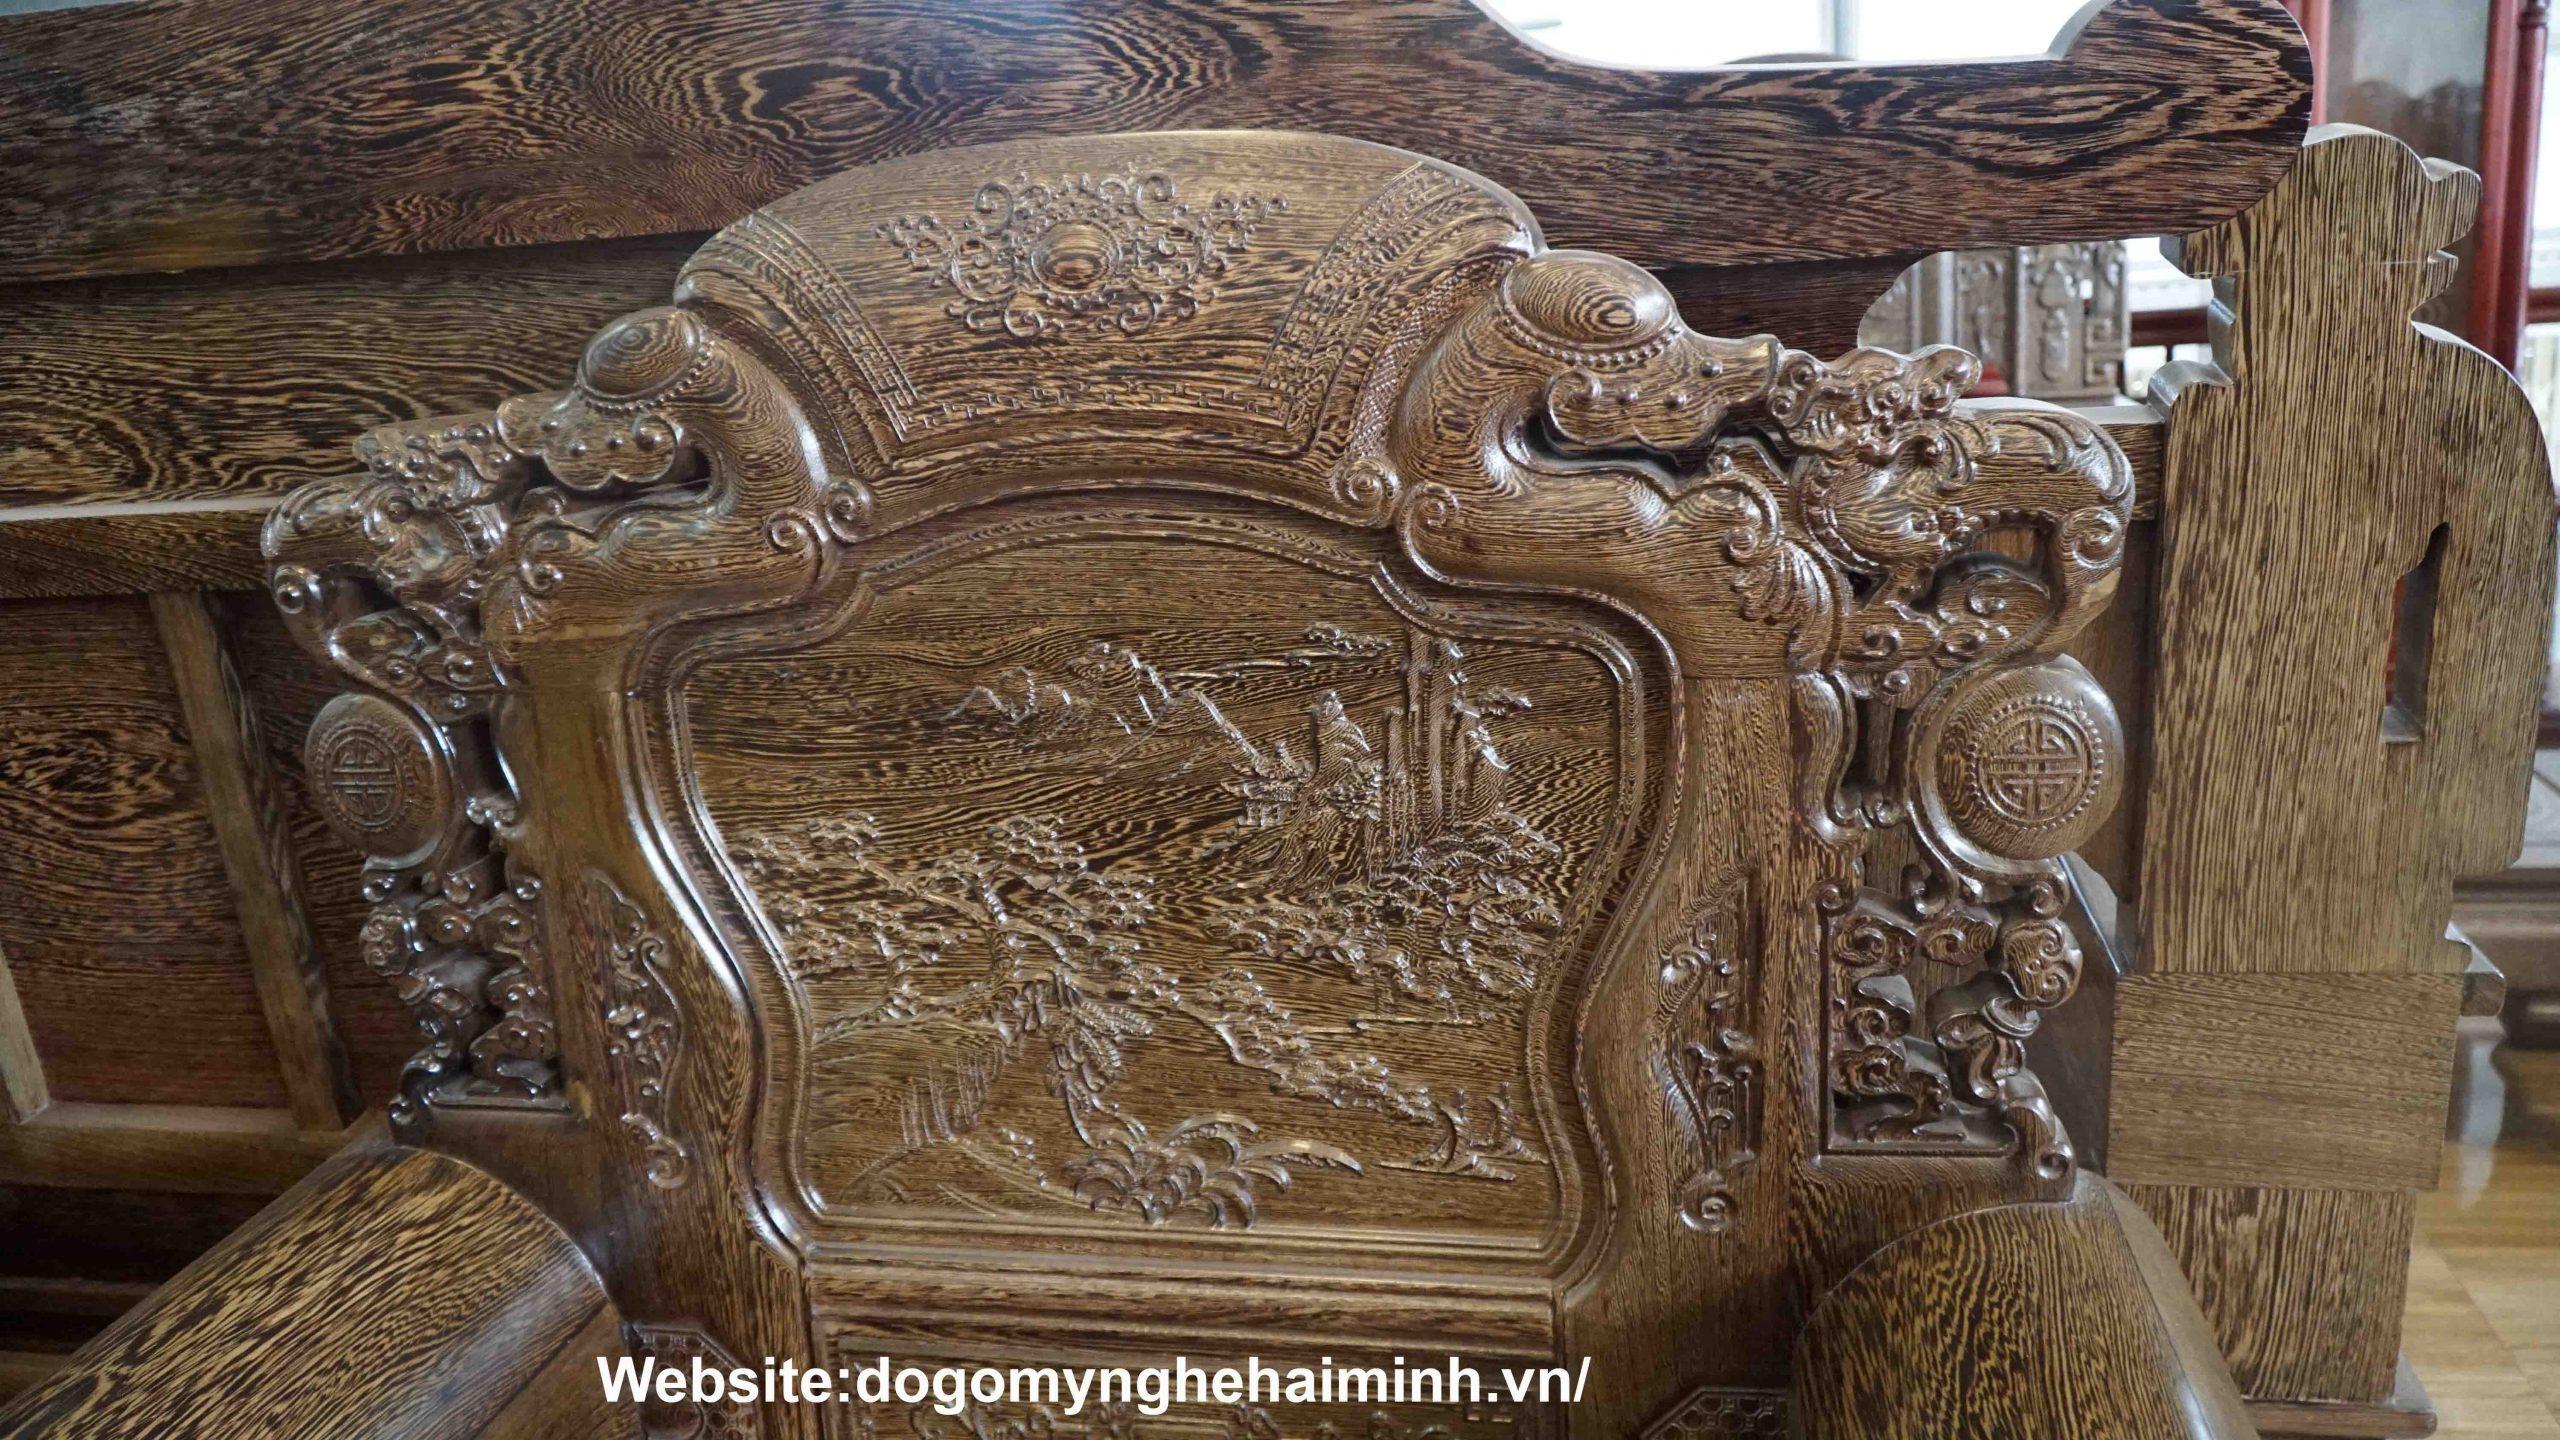 Ghế Khổng Tử Gỗ Mun